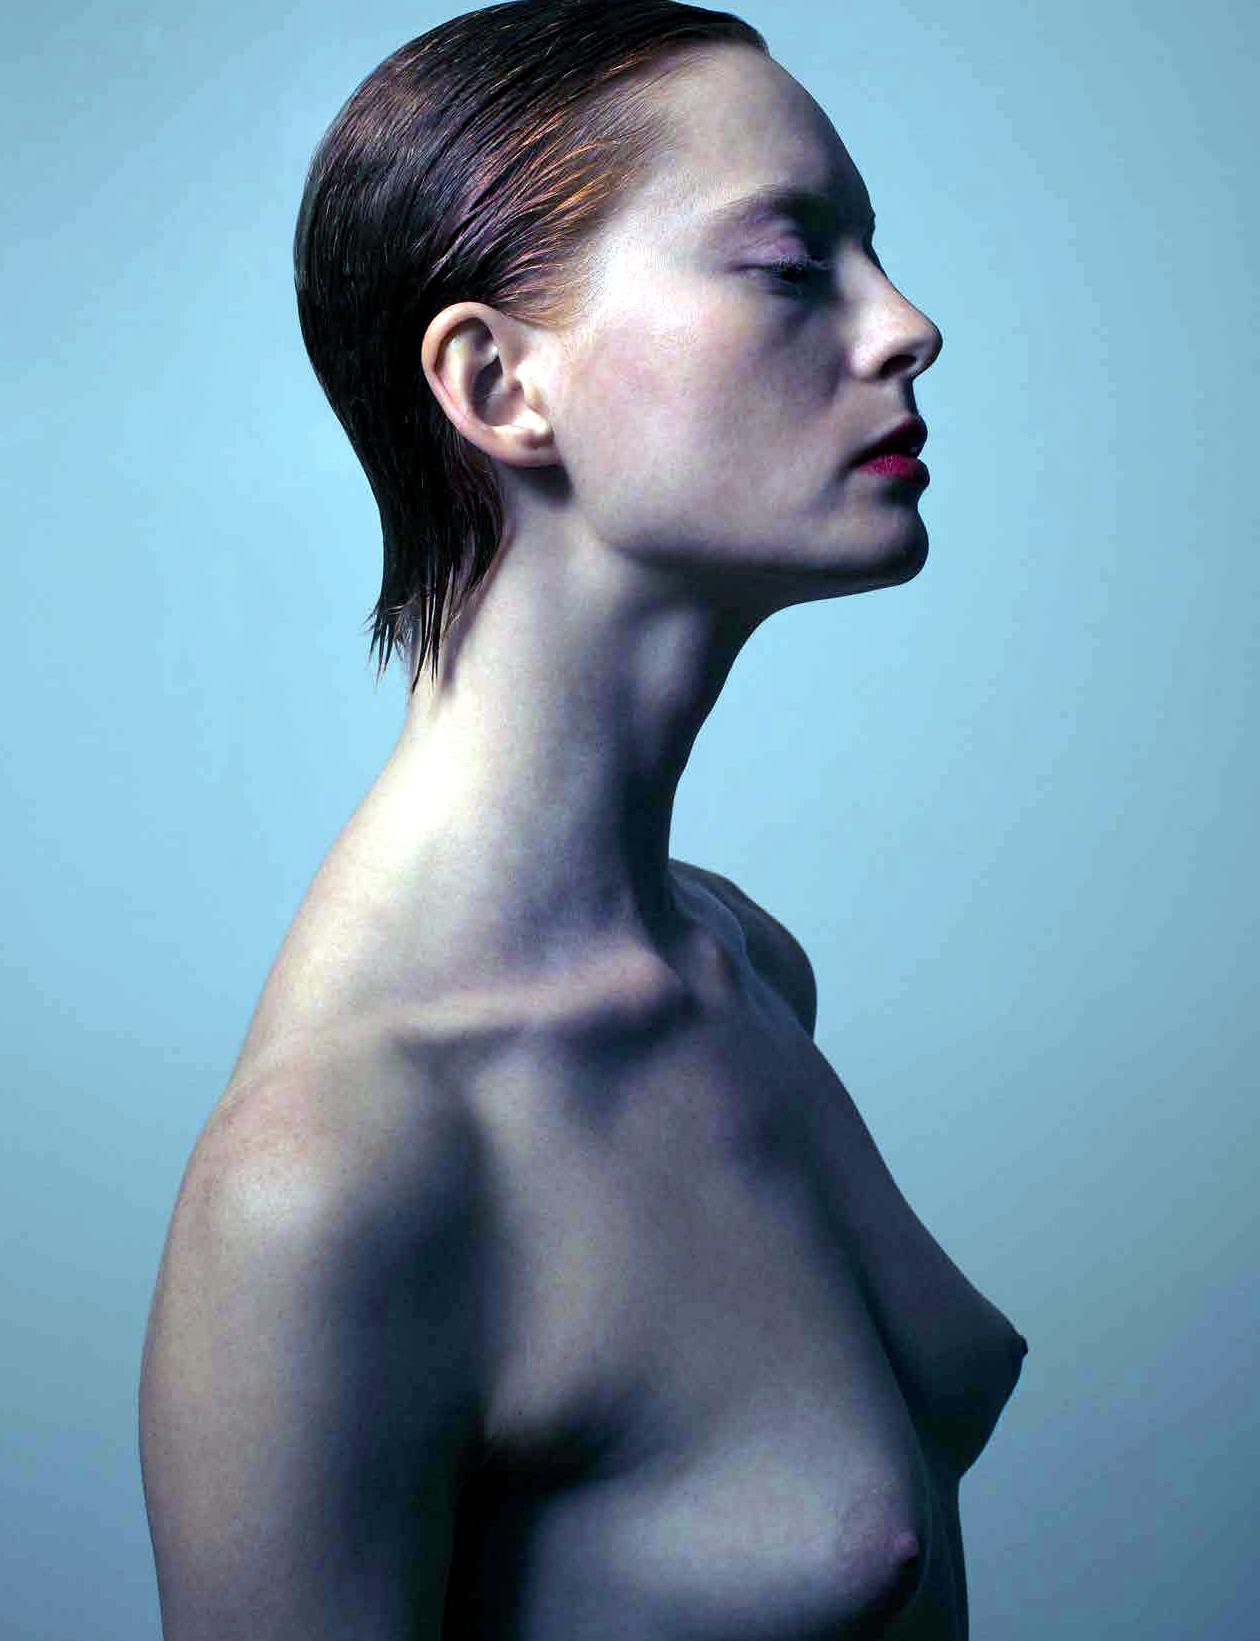 Sculpt-Nude-Models-10